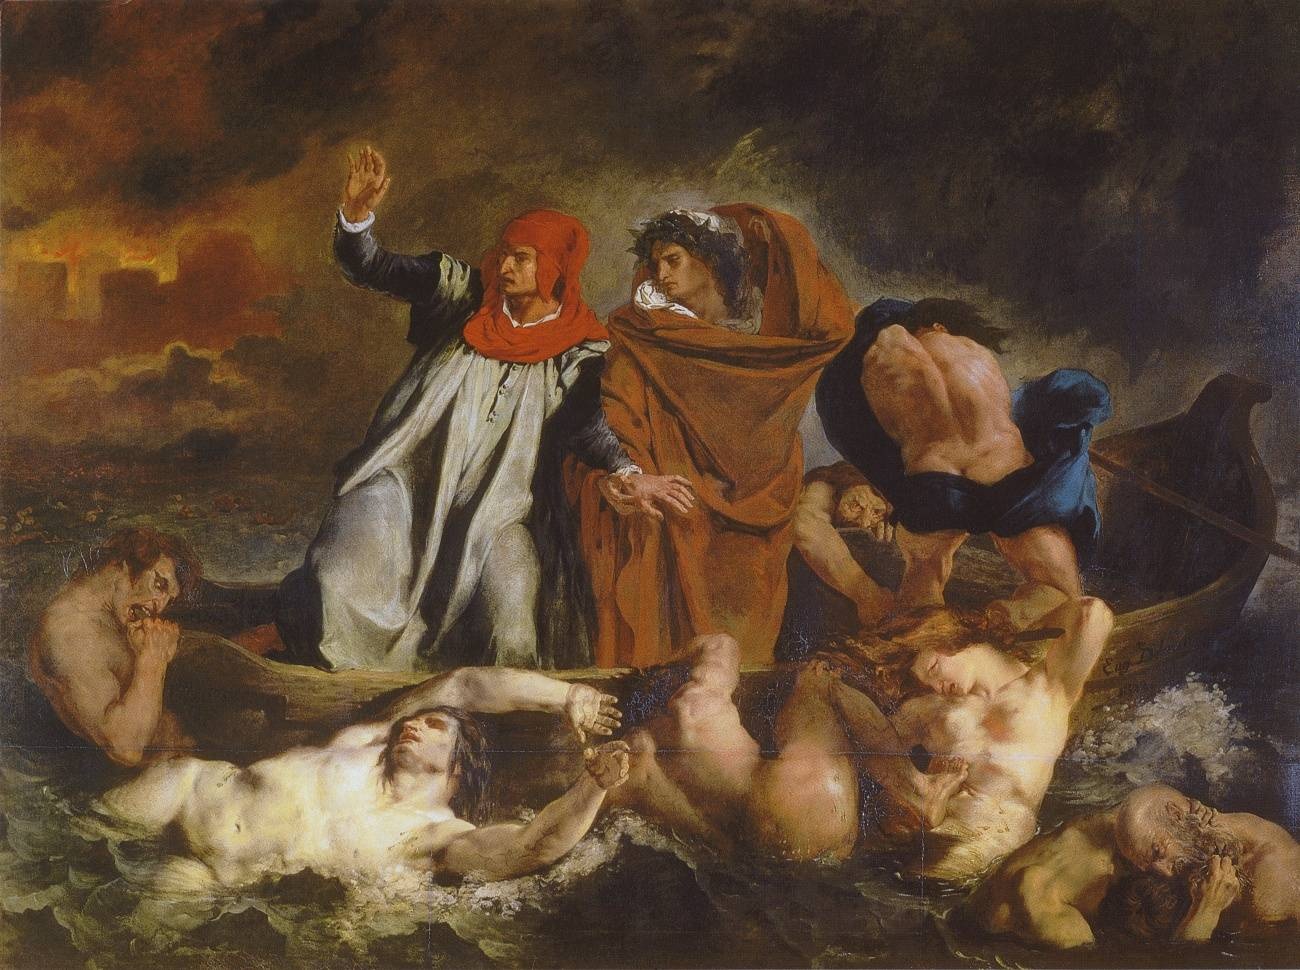 Эженом Делакруа. Данте и Вергилий в аду. 1822